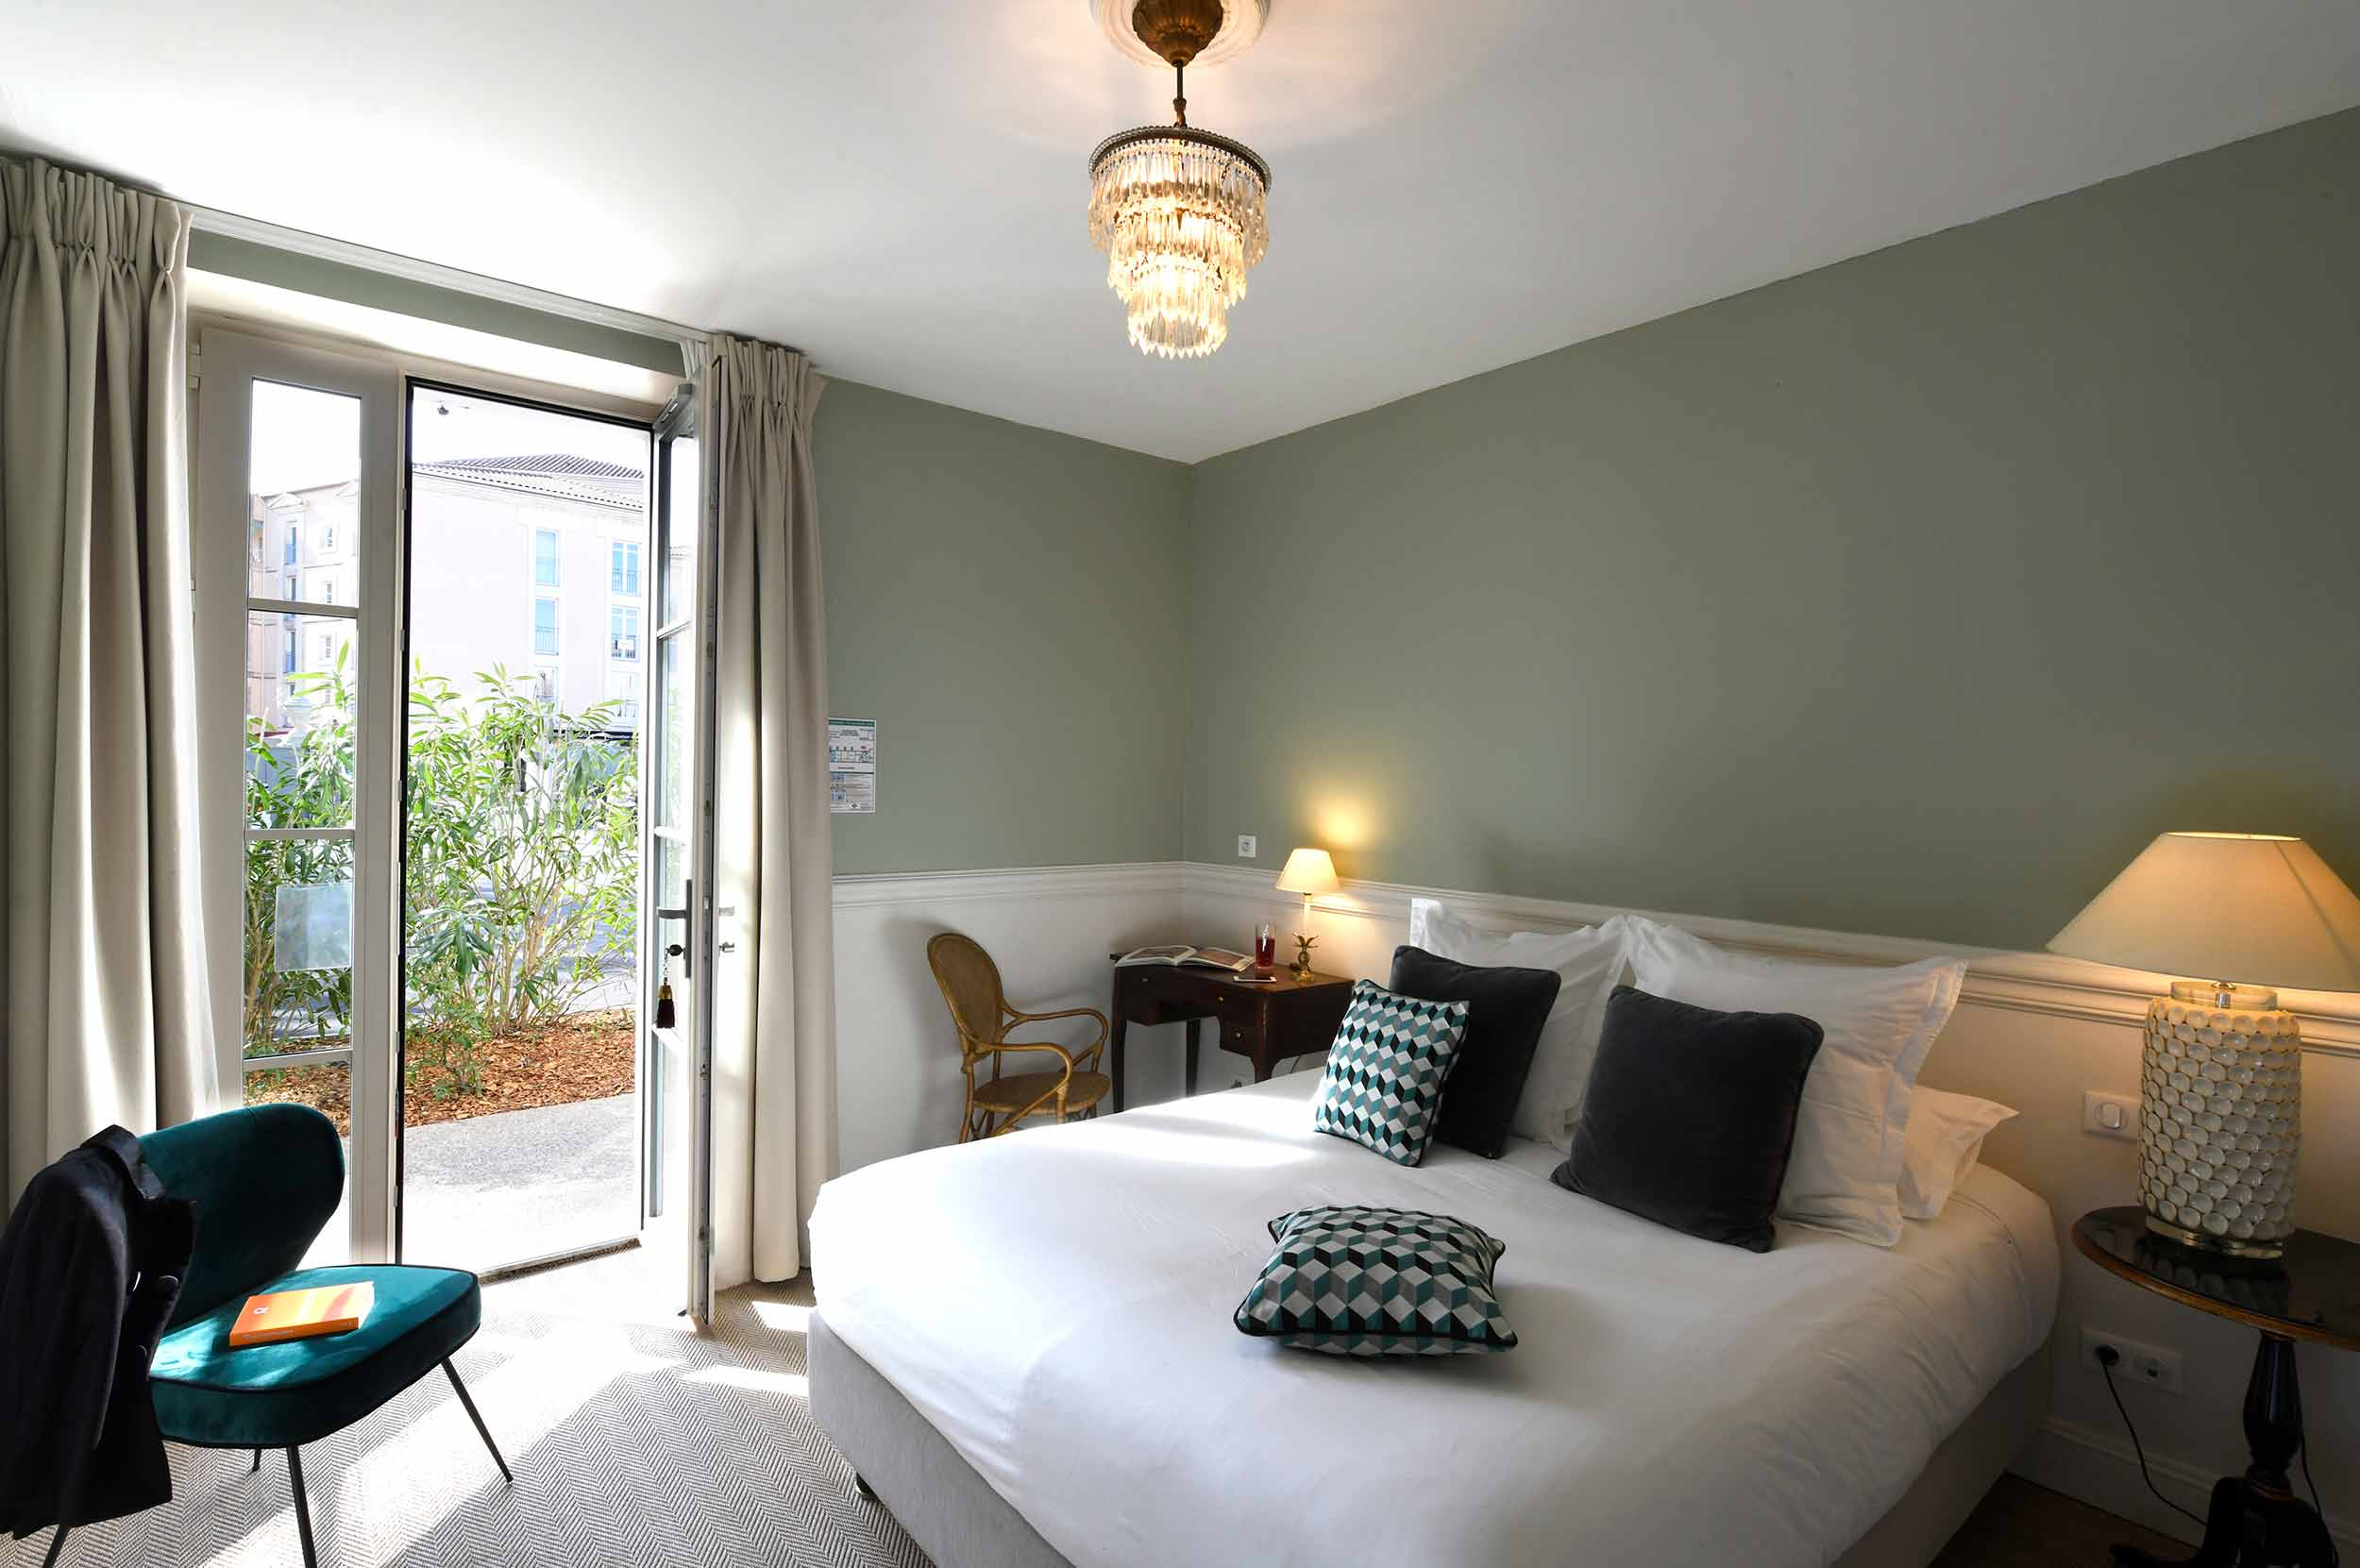 Luberon - Isle sur la sorgue - hôtel - luxe - Vaucluse - chambre- junior suite